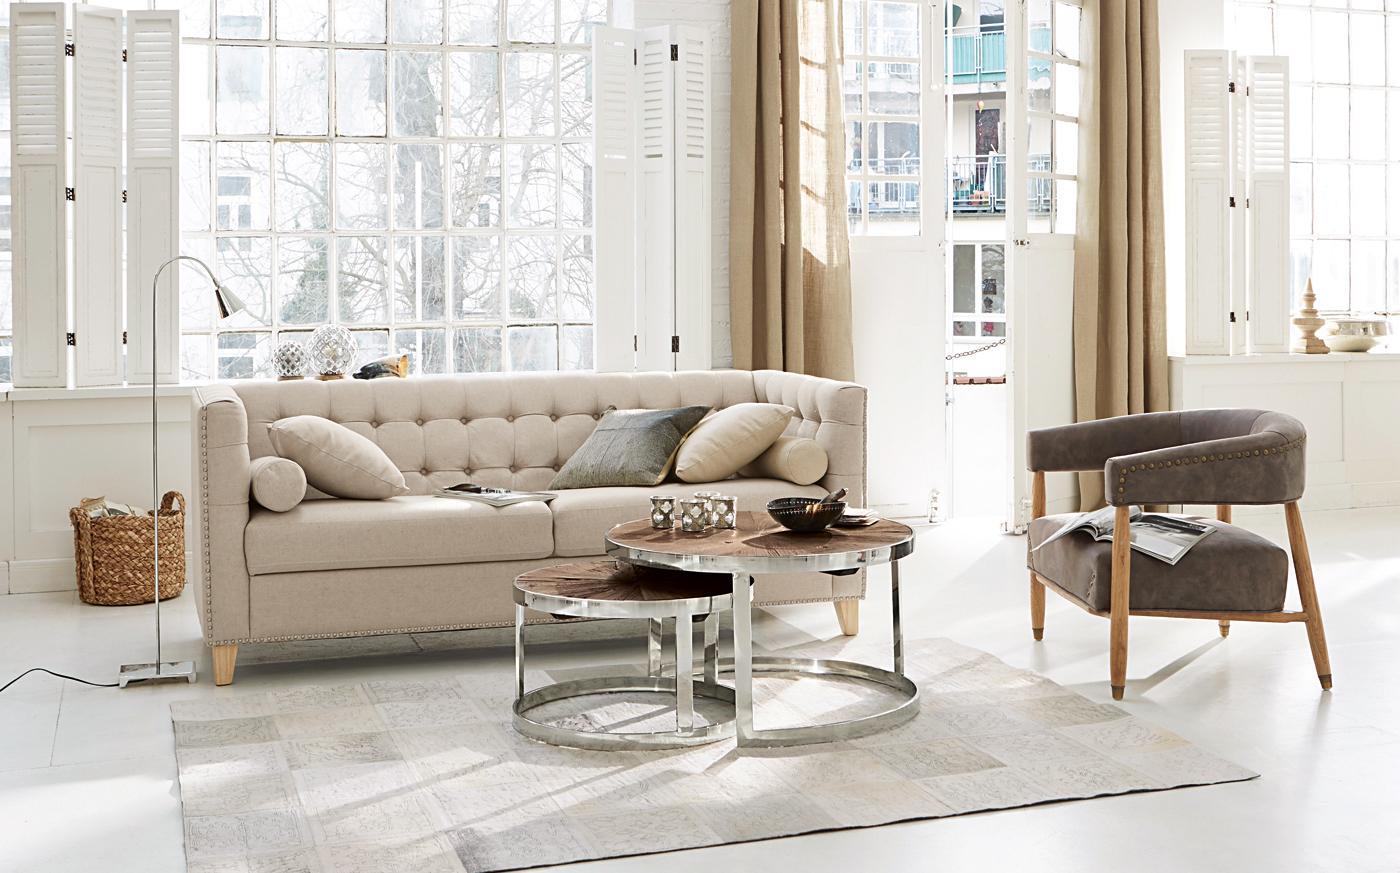 Chesterfield einrichtungsstil modern  Modern Wohnen • Bilder & Ideen • COUCHstyle